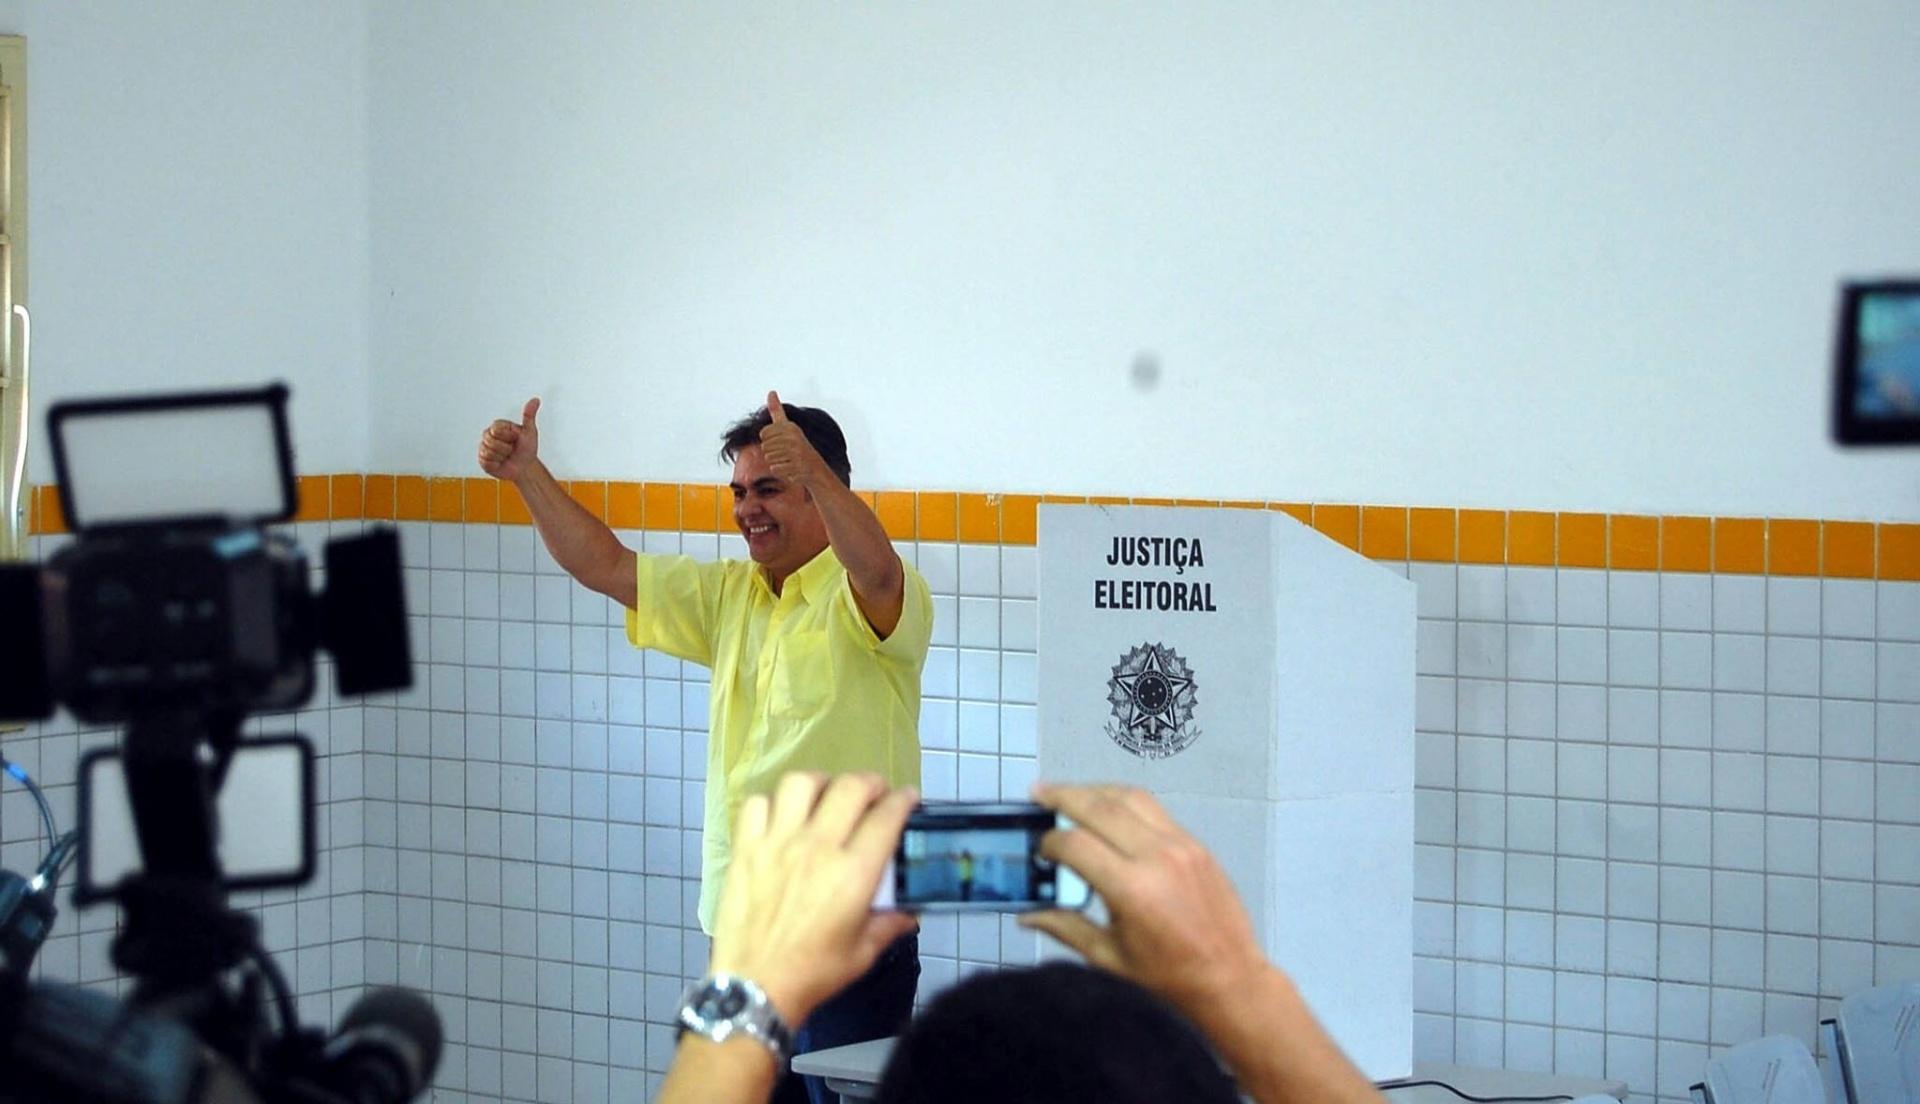 5.out.2014 - Candidato do PSBD ao governo da Paraíba, Cássio Cunha Lima acena após votar no Colégio Estadual do Prata, no bairro homônimo, em Campina Grande. De acordo com a pesquisa Ibope divulgada no sábado (4), a eleição será acirrada no Estado. O tucano está empatado, com 47% dos votos válidos, com o candidato do PSB, Ricardo Coutinho. A margem de erro é de três pontos percentuais para mais ou para menos